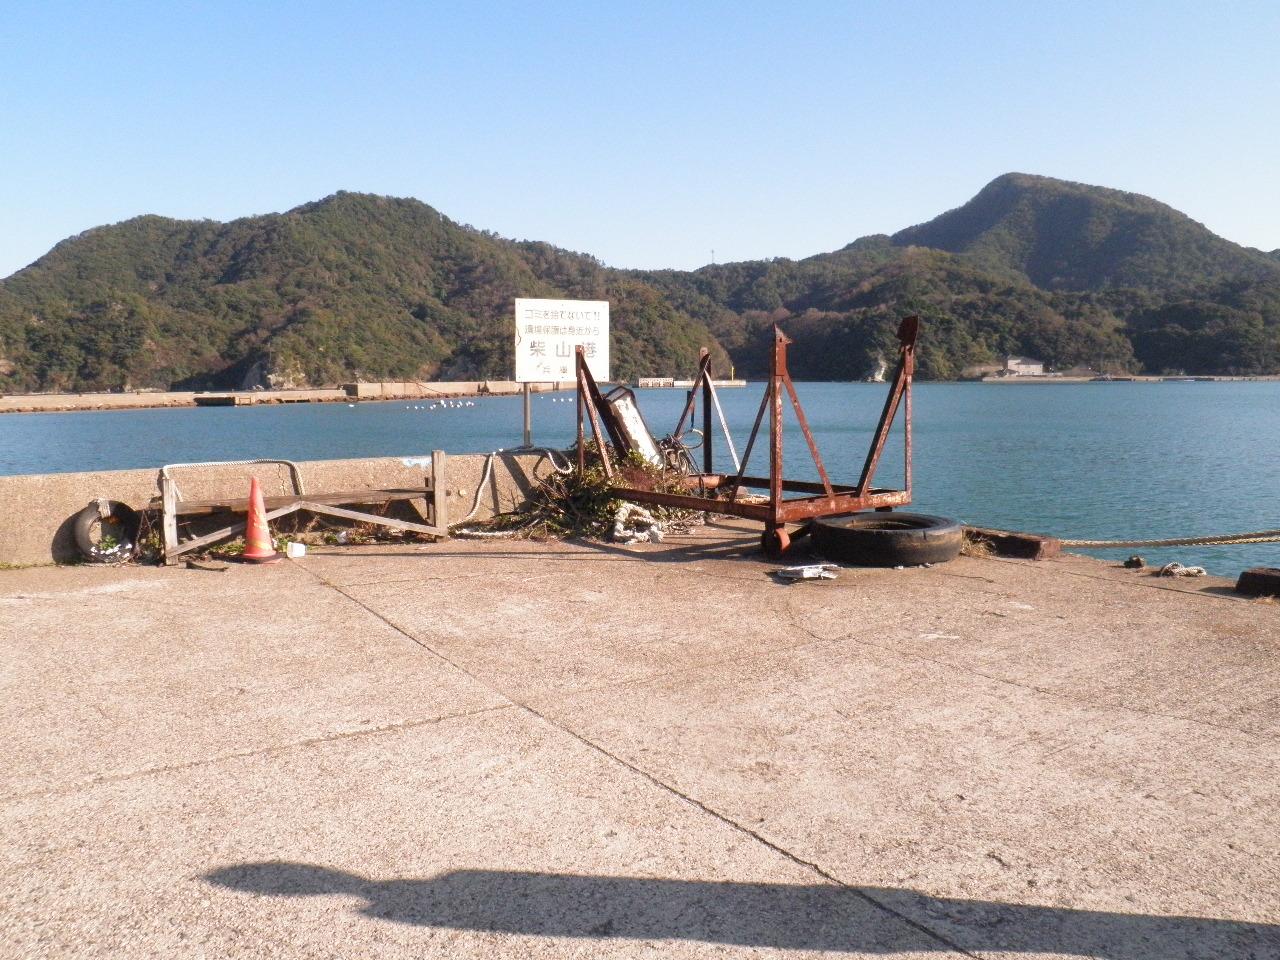 柴山湾内沖ノ浦護岸東角、工事用台船が停泊しているところ。ここも魚の警戒心が強いですが、釣る人はチヌの良型をよく釣られています。